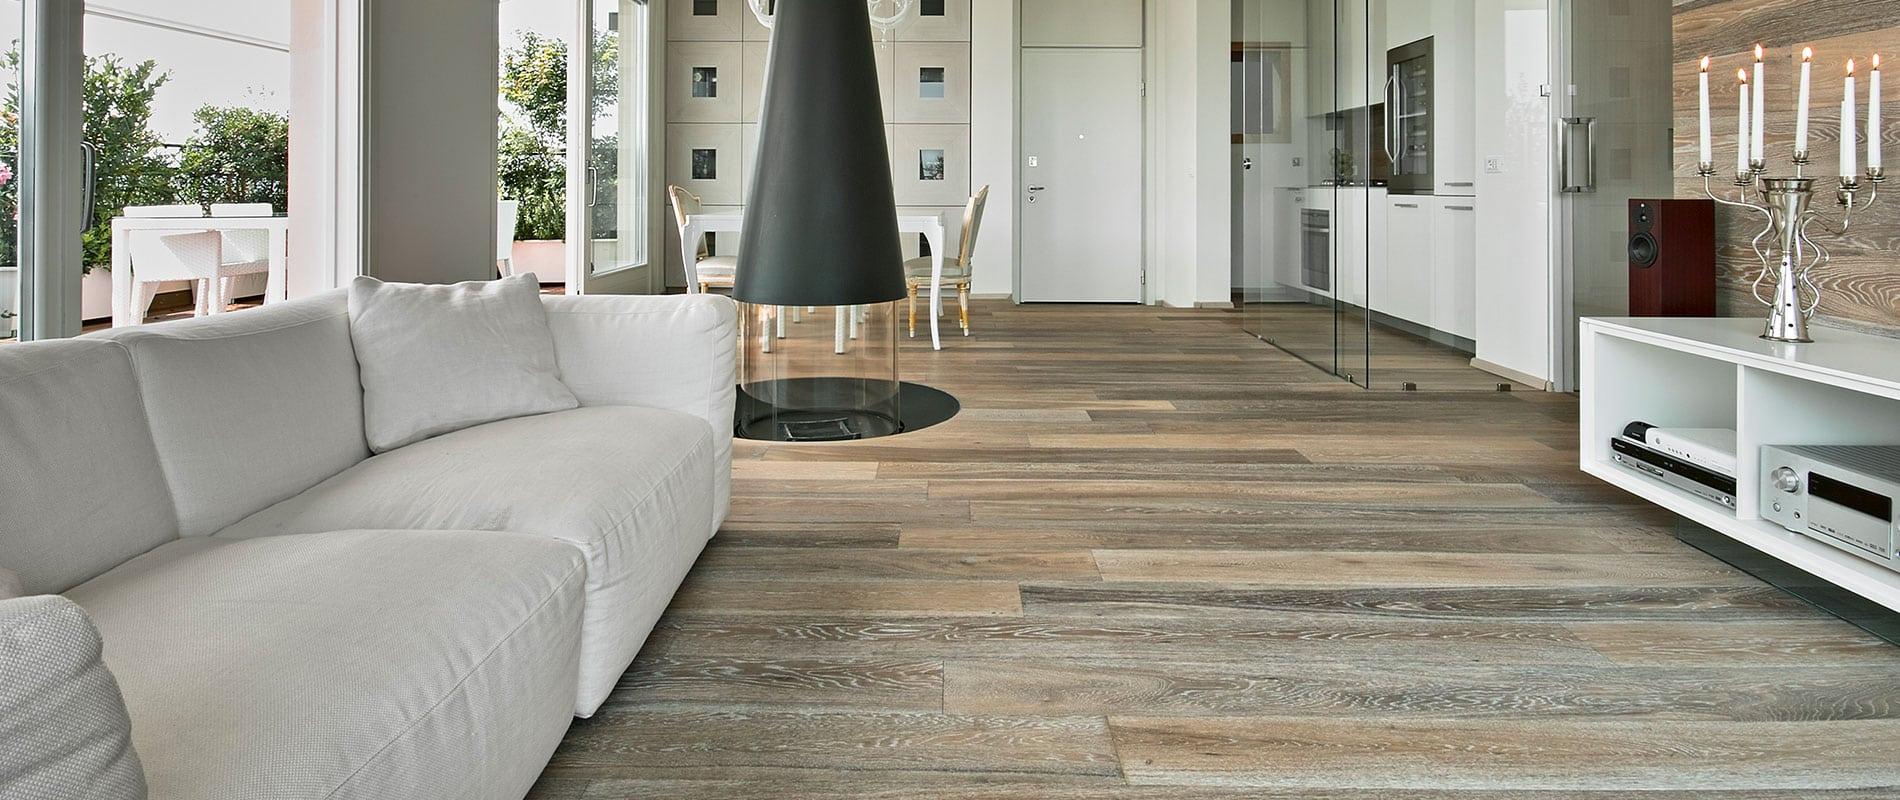 Commercial Flooring Contractor Phoenix Commercial Floor